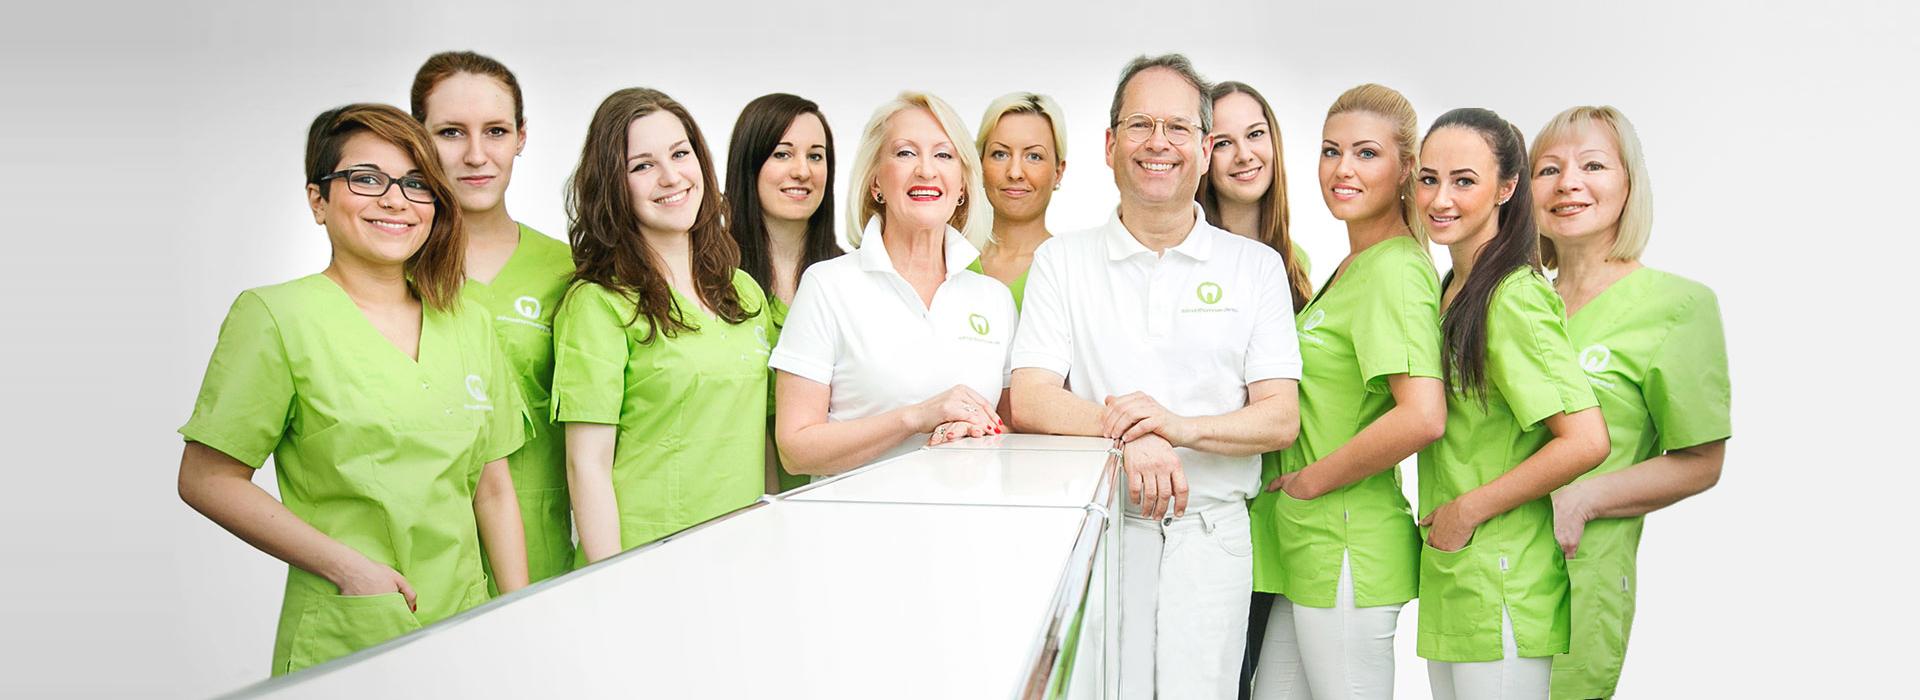 20150629 zahnarzthannover-dental Neues Teambild